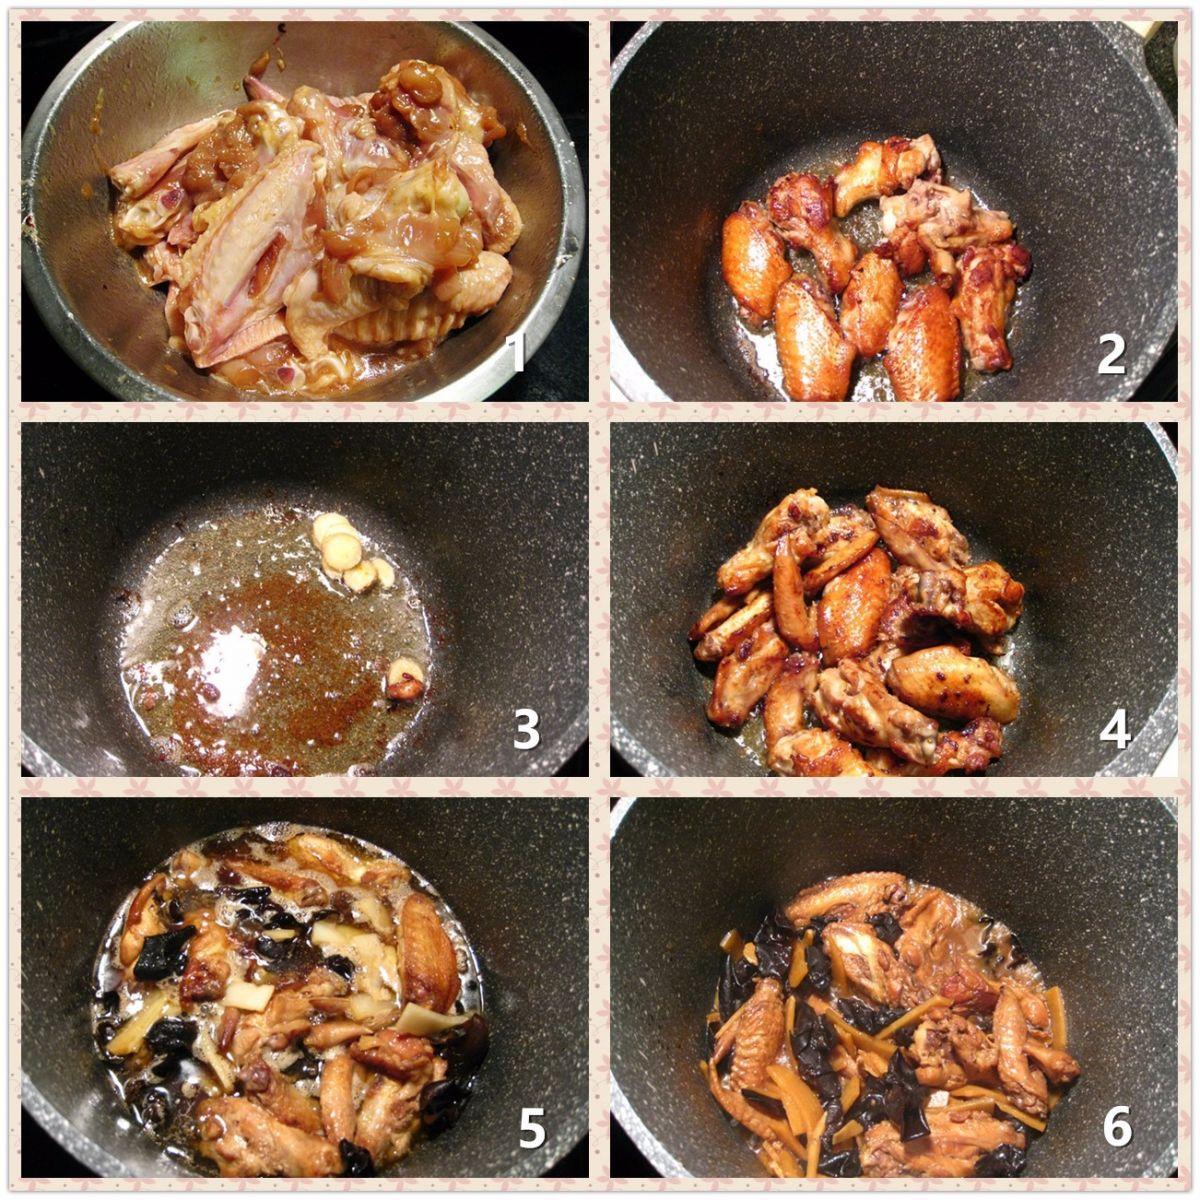 木耳竹笋焖鸡_图1-2